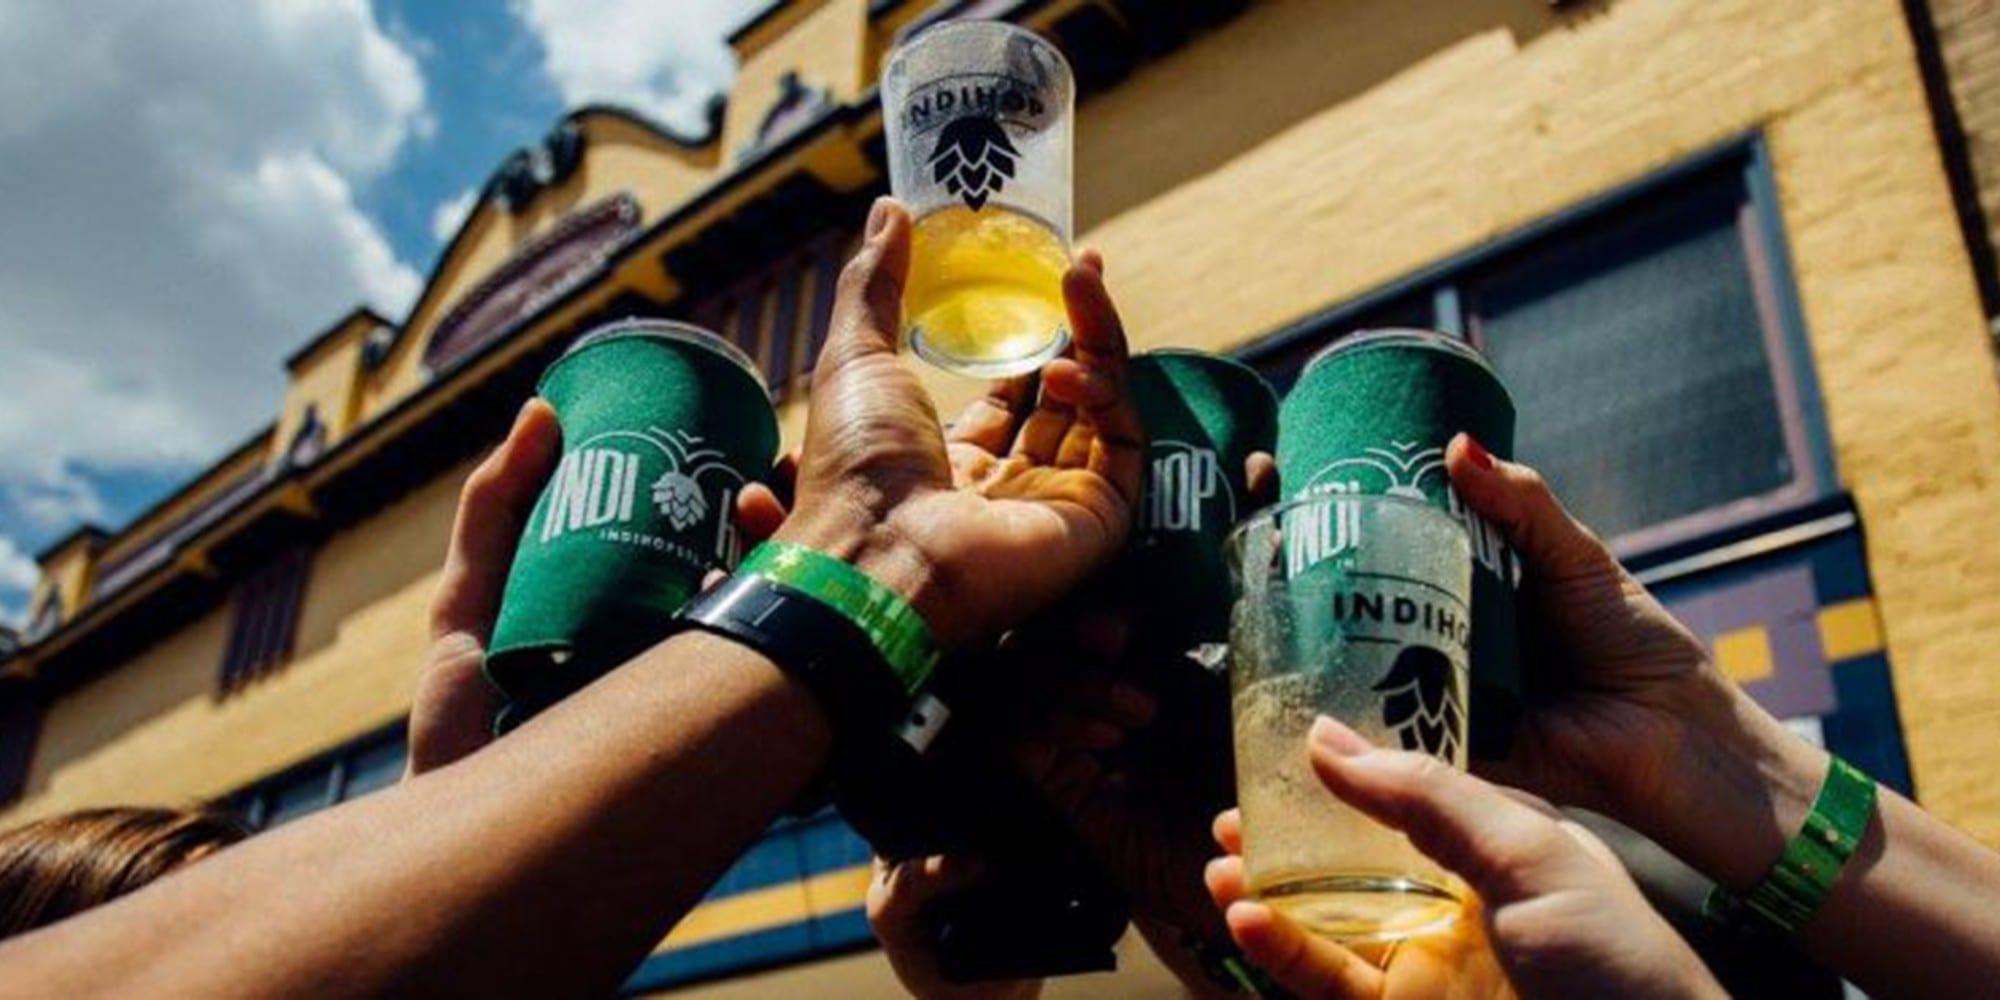 IndiHop beer festival.